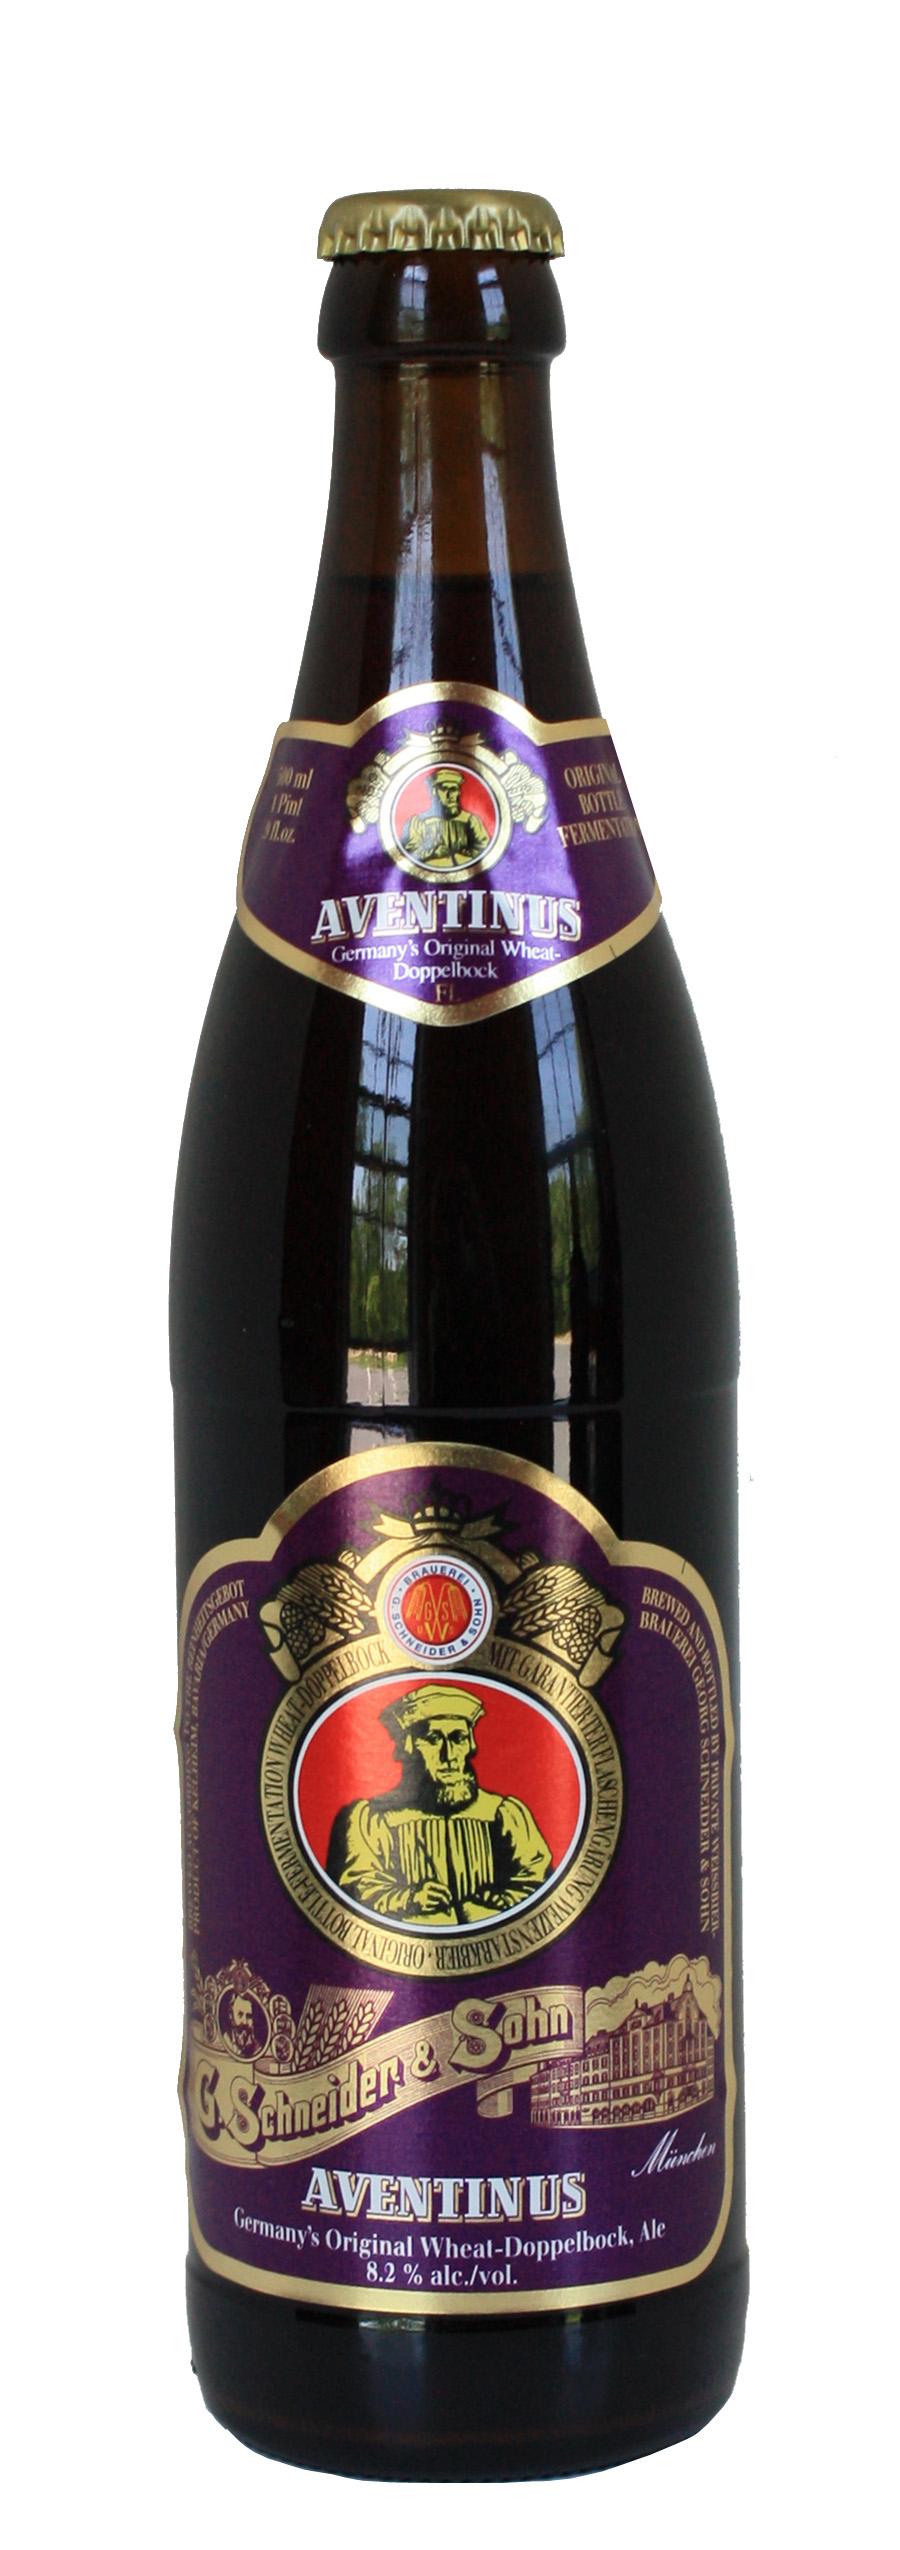 Schneider Weisse Aventinus Wheat Doppelbock   BeerPulse